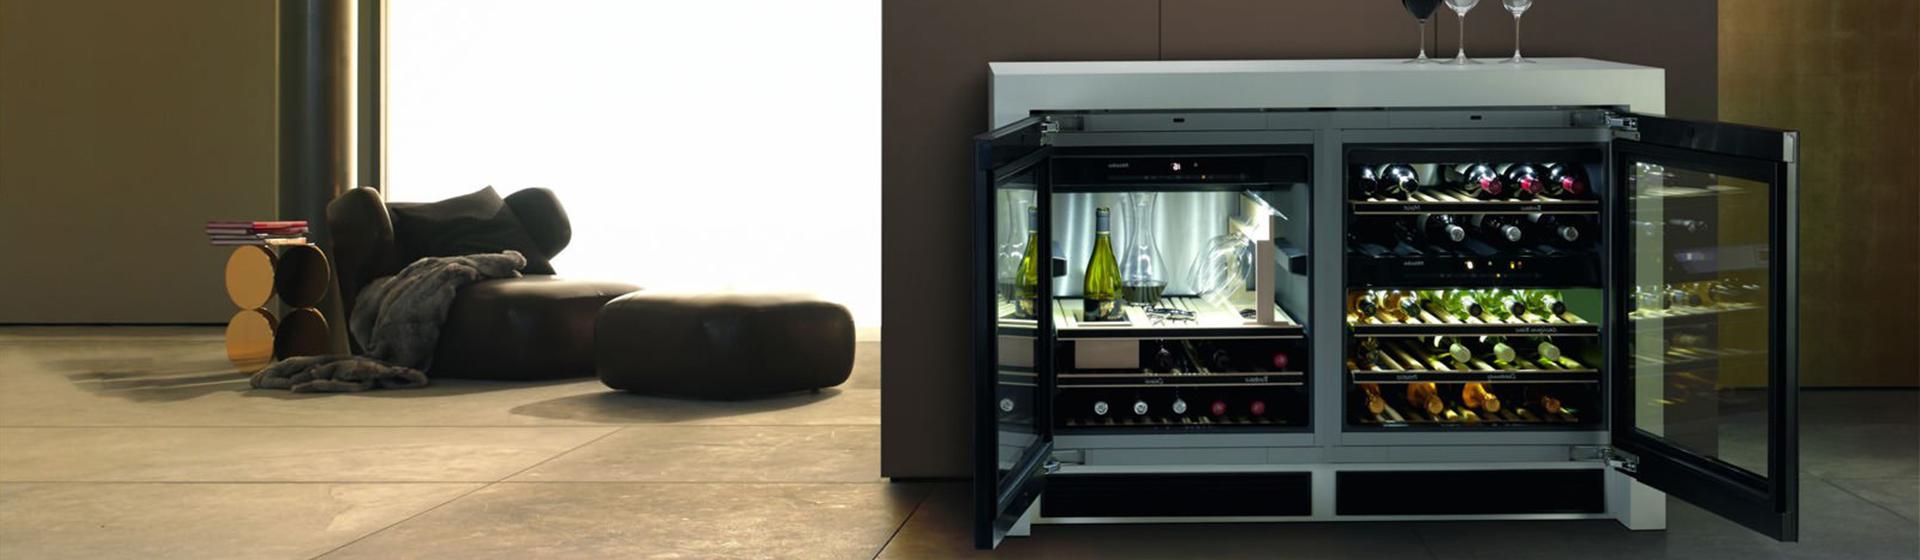 ber hmt miele weink hlschrank ideen die besten. Black Bedroom Furniture Sets. Home Design Ideas